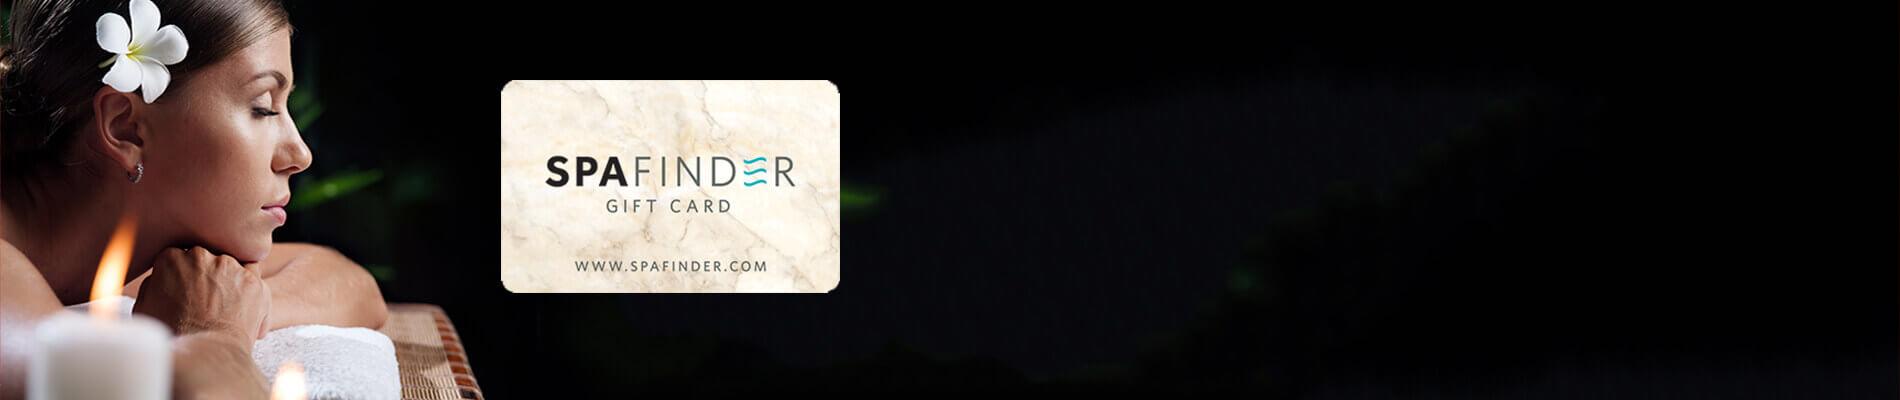 Spafinder.com Gift Card